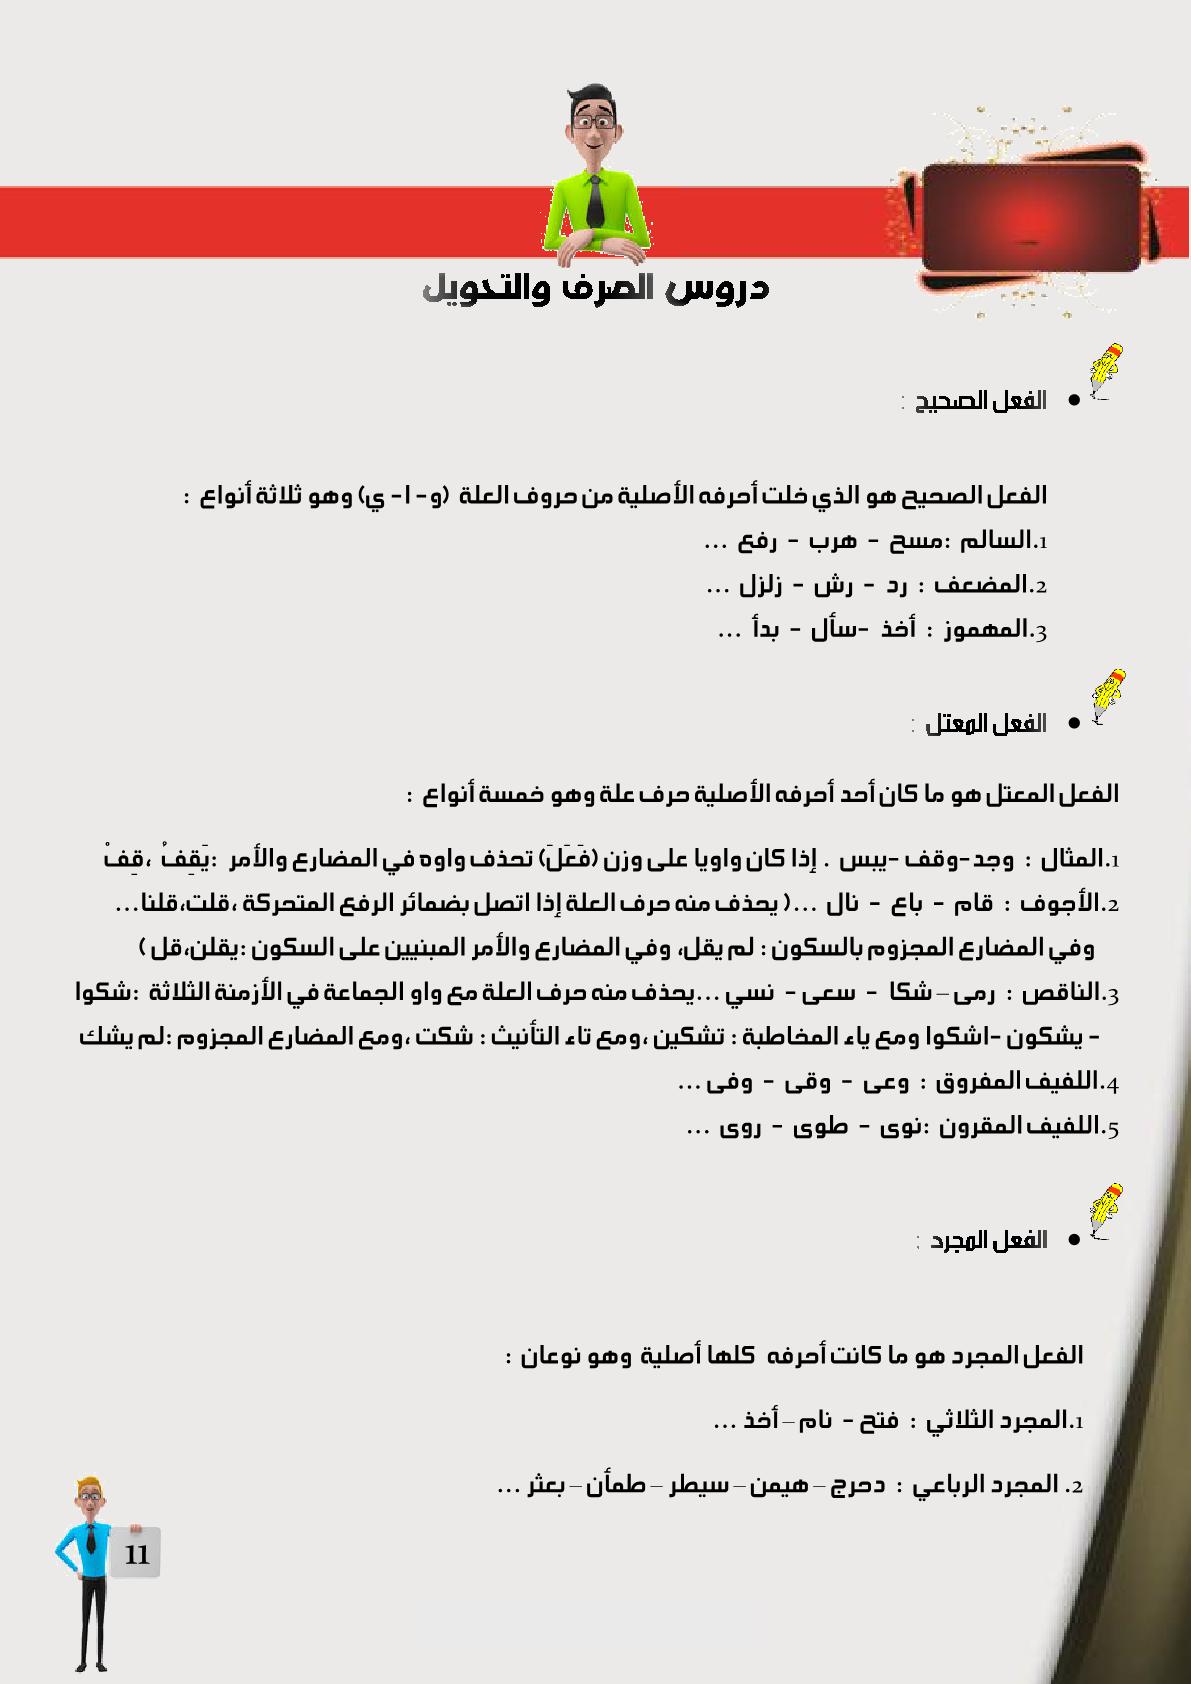 دروس الصرف والتحويل بمادة اللغة العربية للمستوى السادس ابتدائي